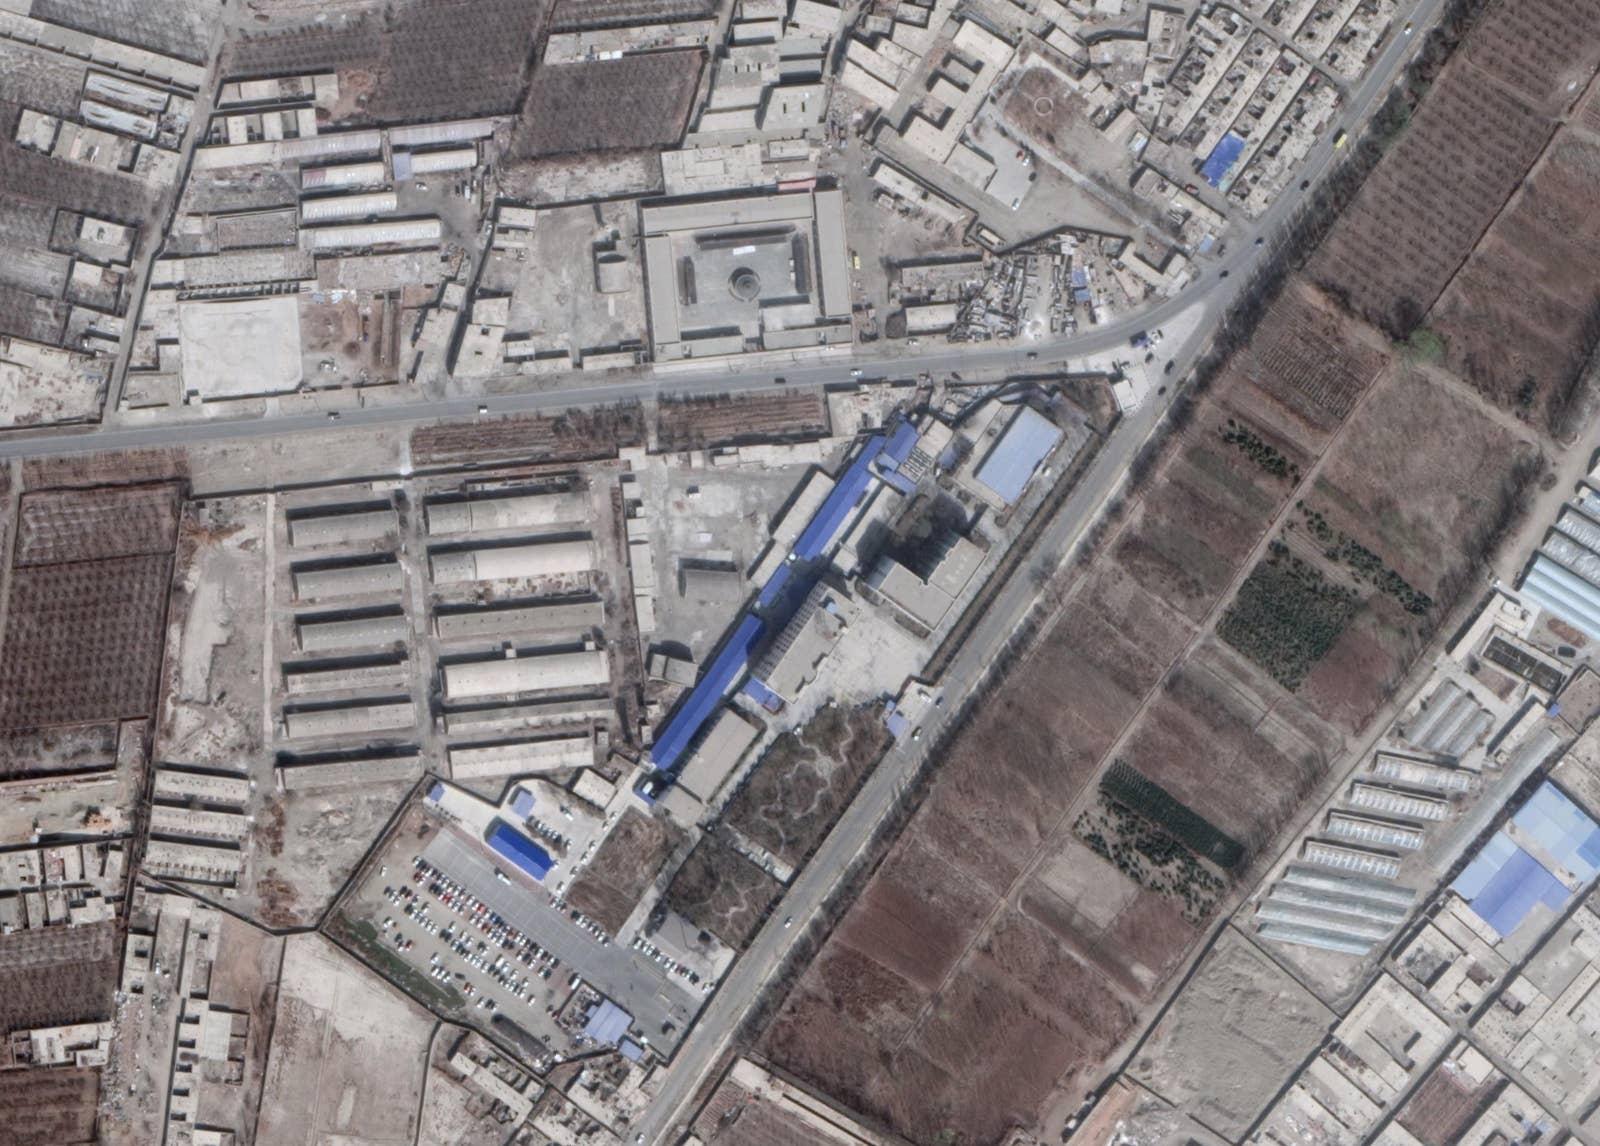 新疆ウイグル自治区の中部にあるコルラ市の近辺にある、中国の再教育施設をとらえた衛星画像。この施設を訪れたことがあるウイグル人亡命者が、GPS座標を提供してくれた。